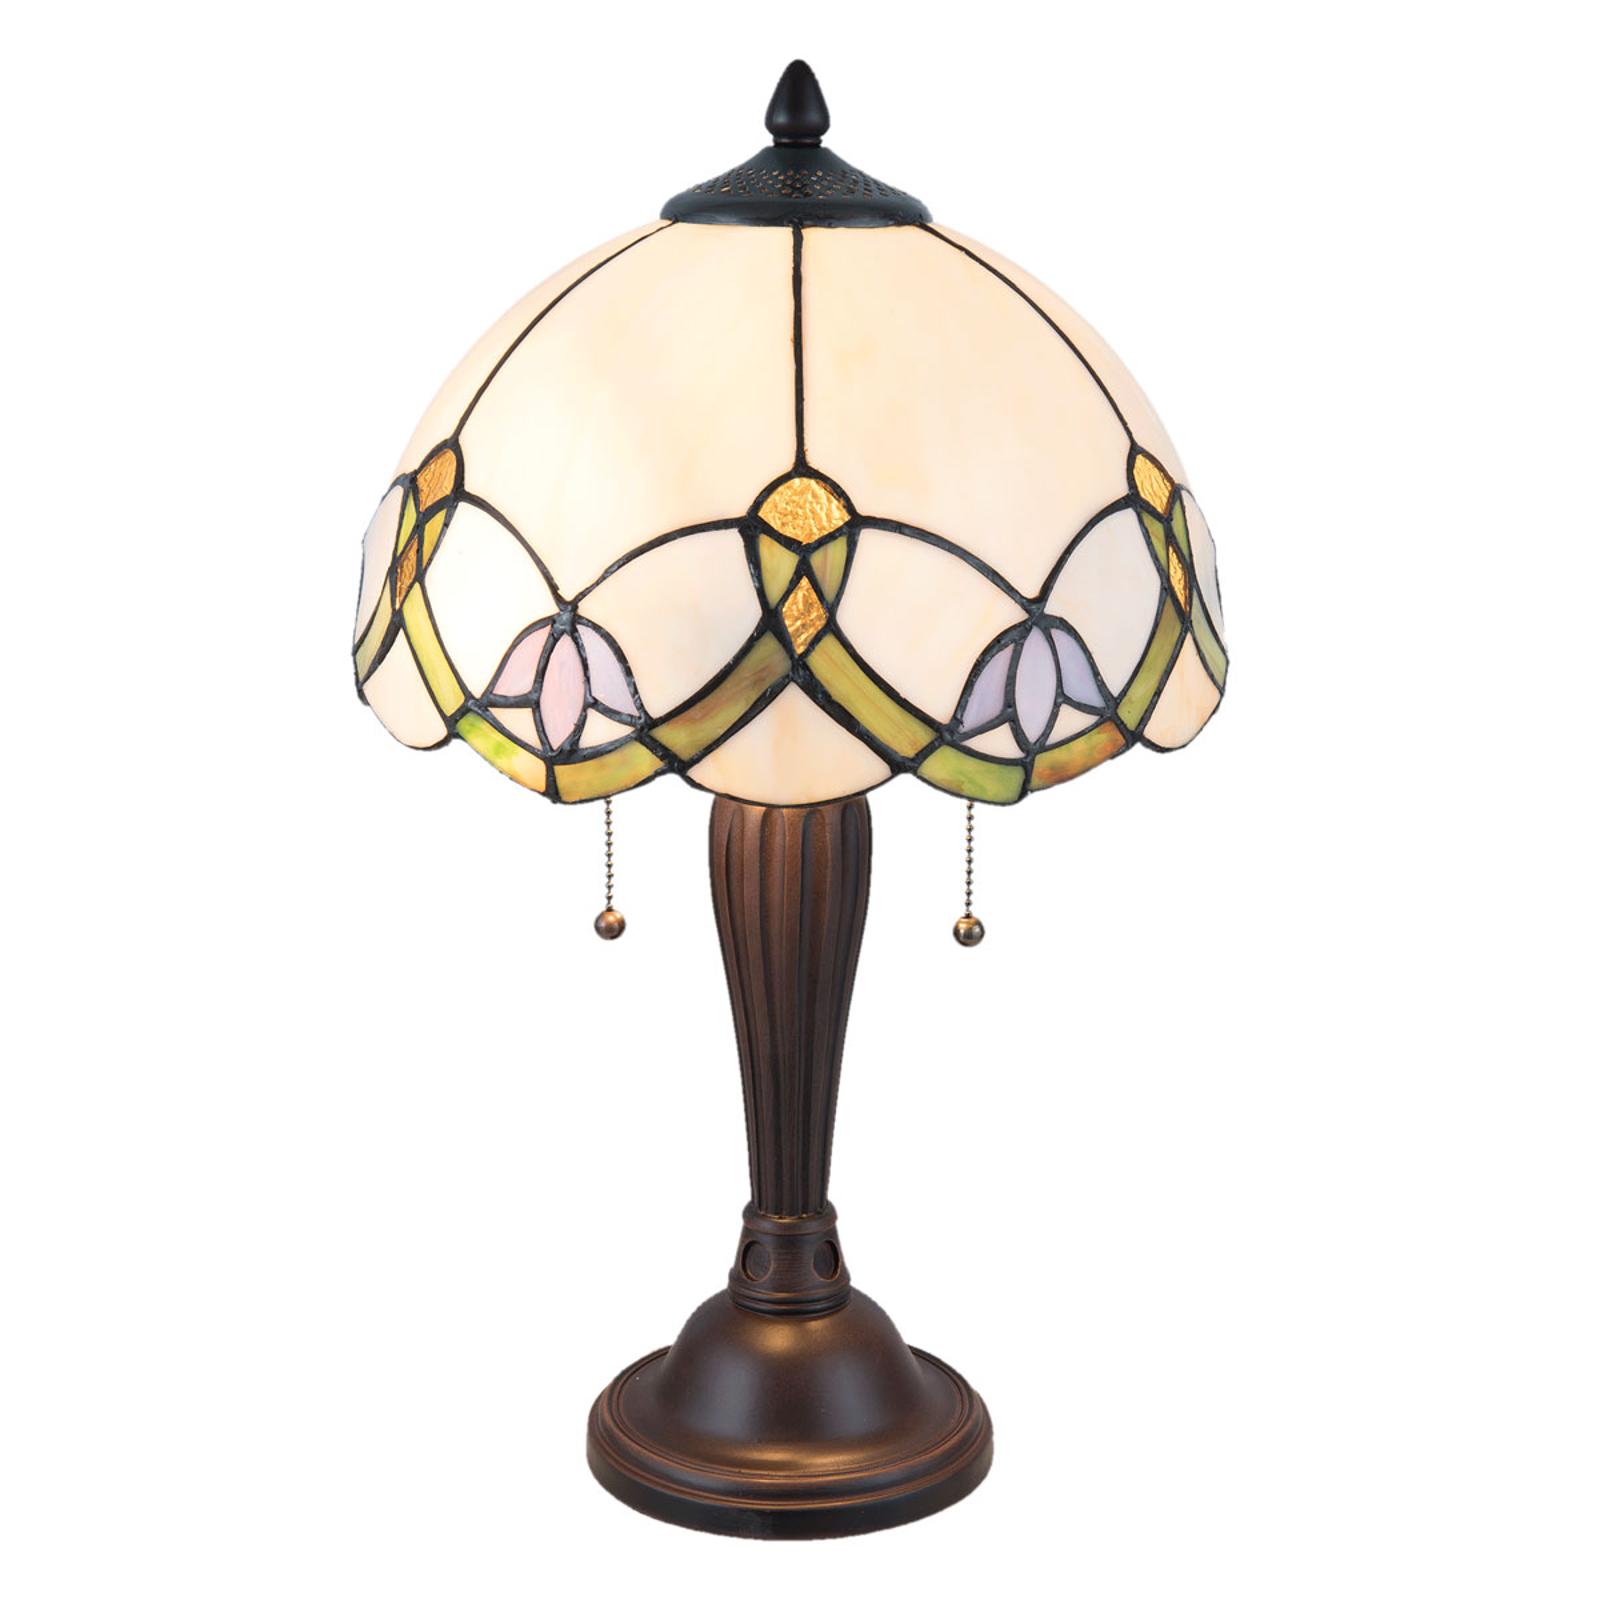 Tafellamp 5918 met wit-bont Tiffany-design